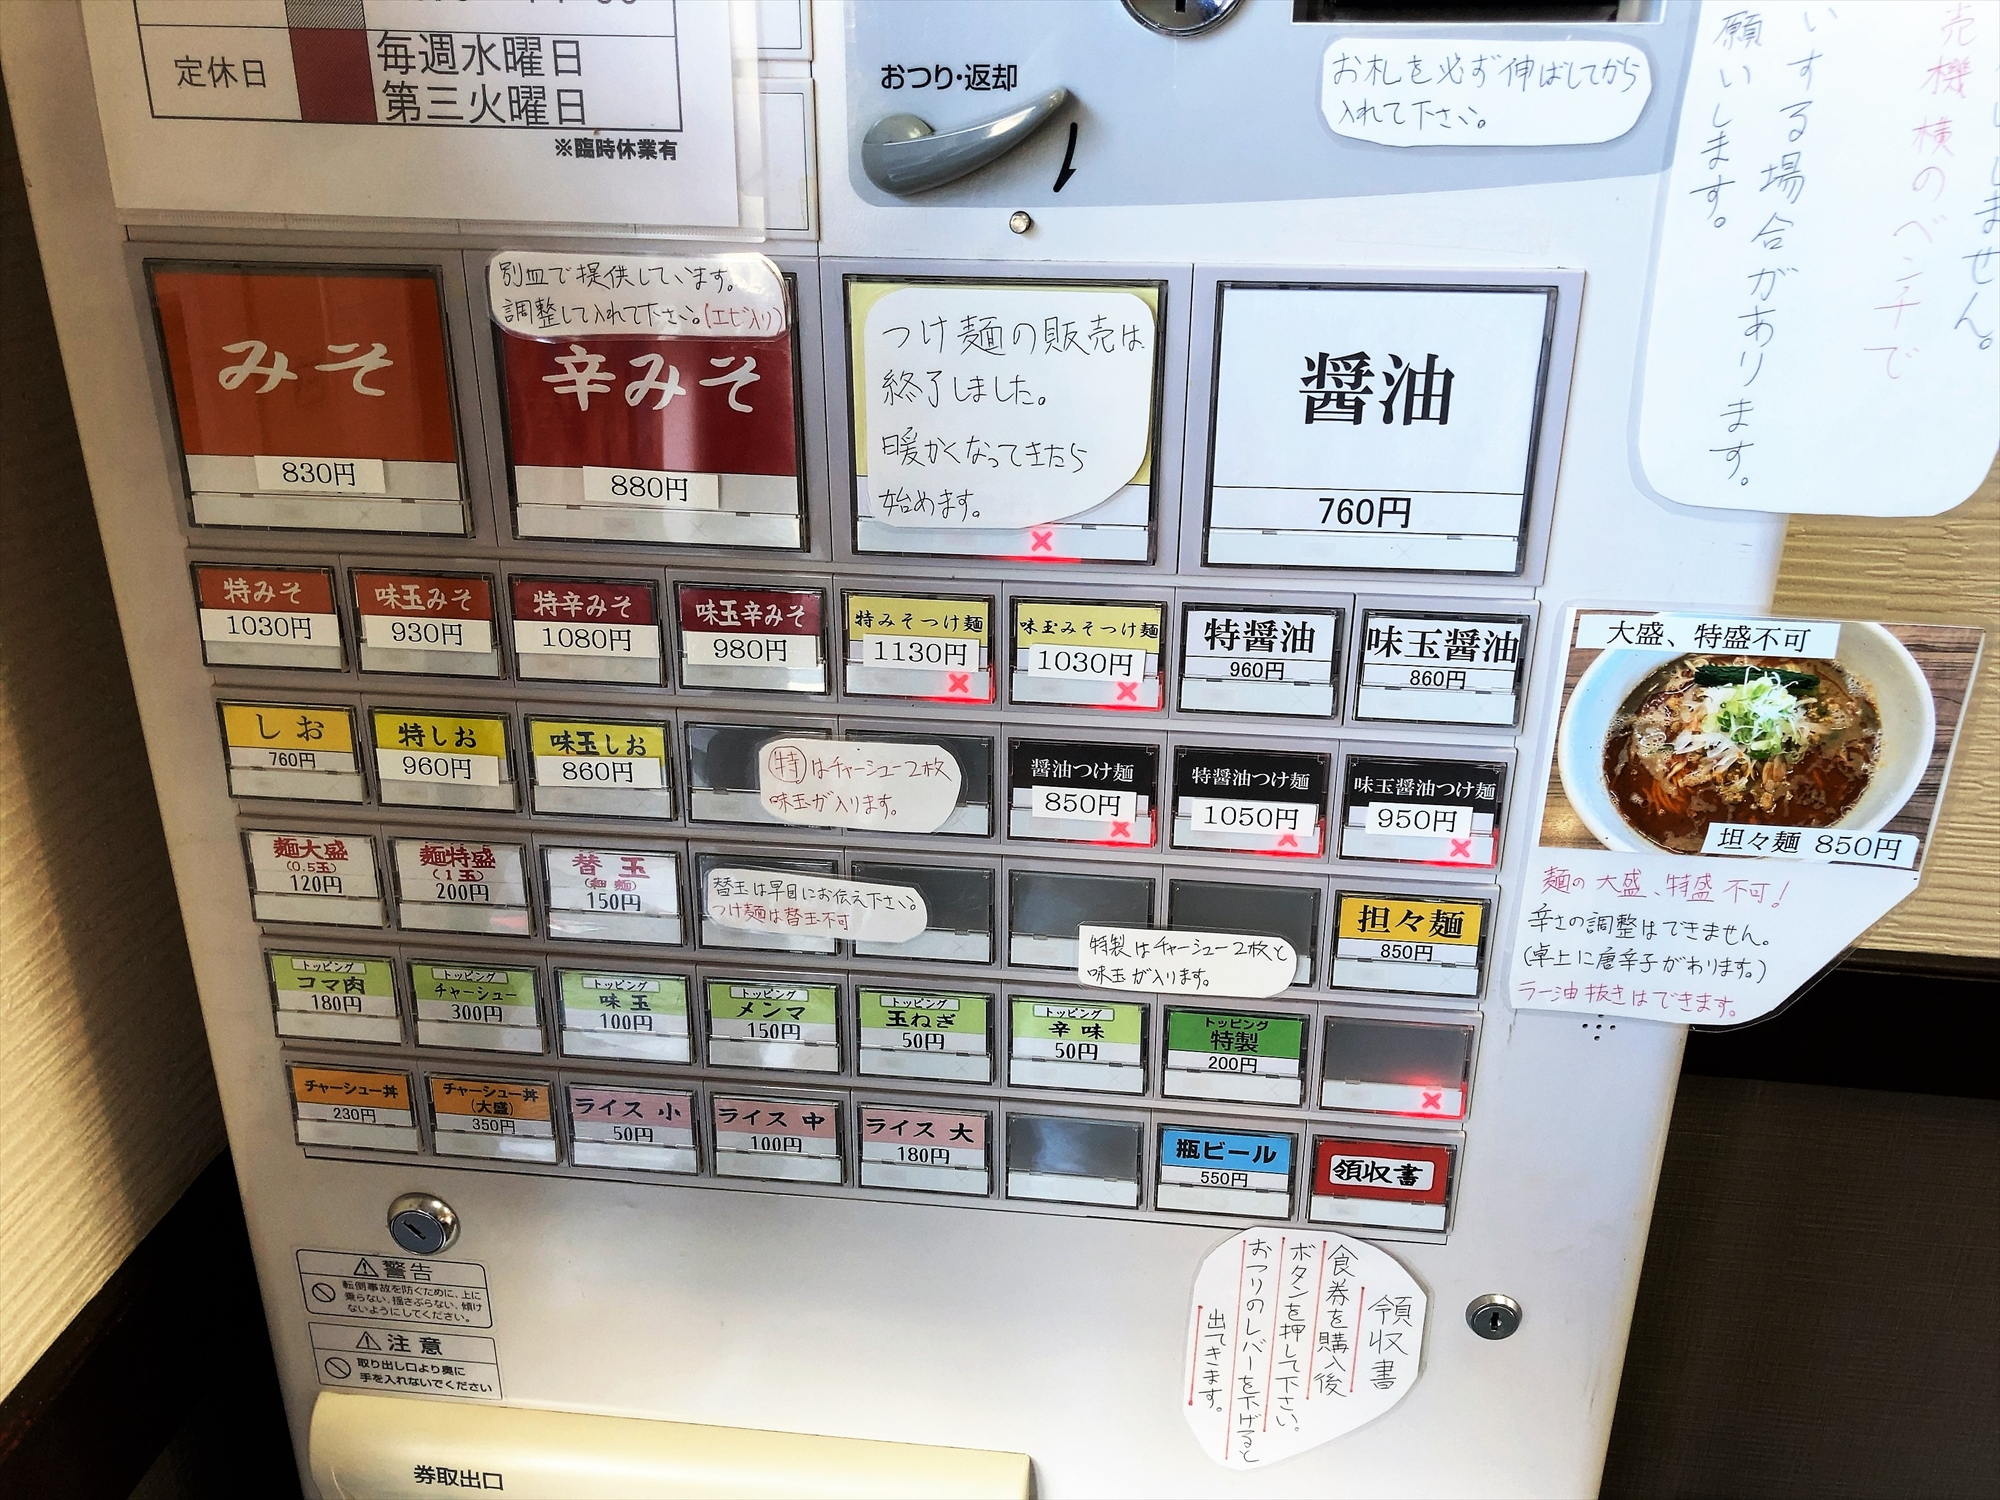 麺屋 真の券売機